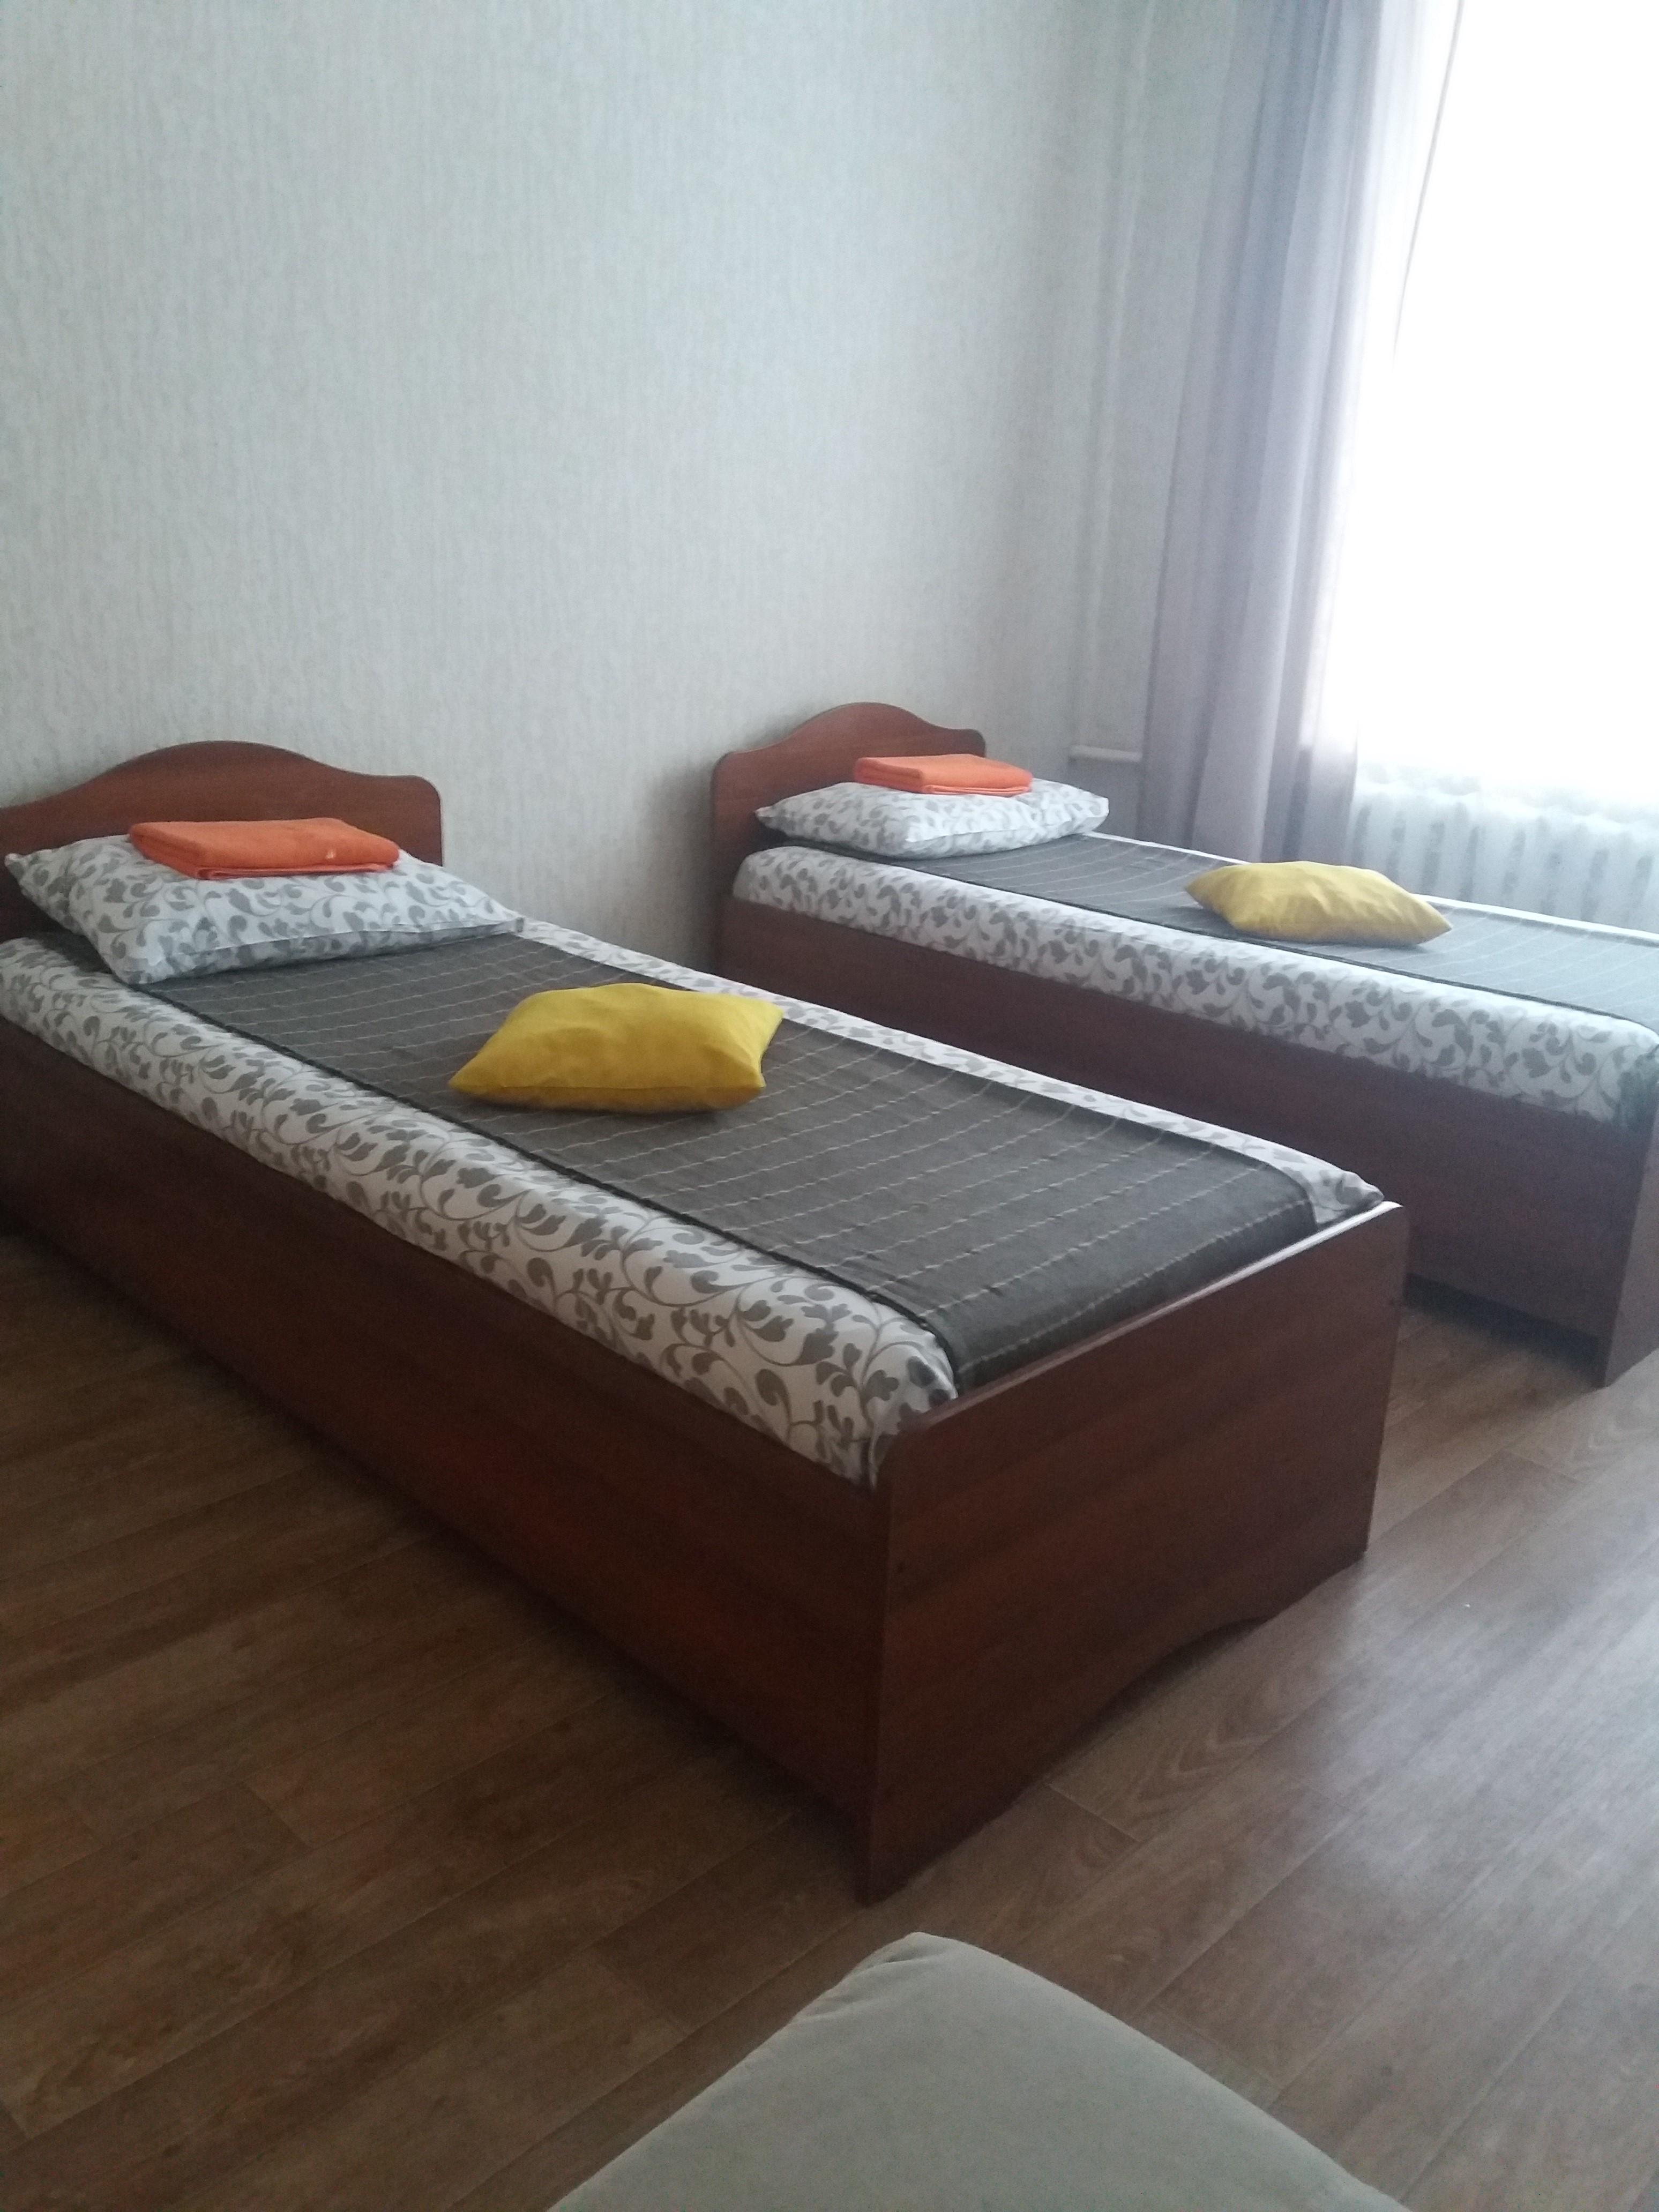 Раздельные кровати эконом-номера на 2-м этаже